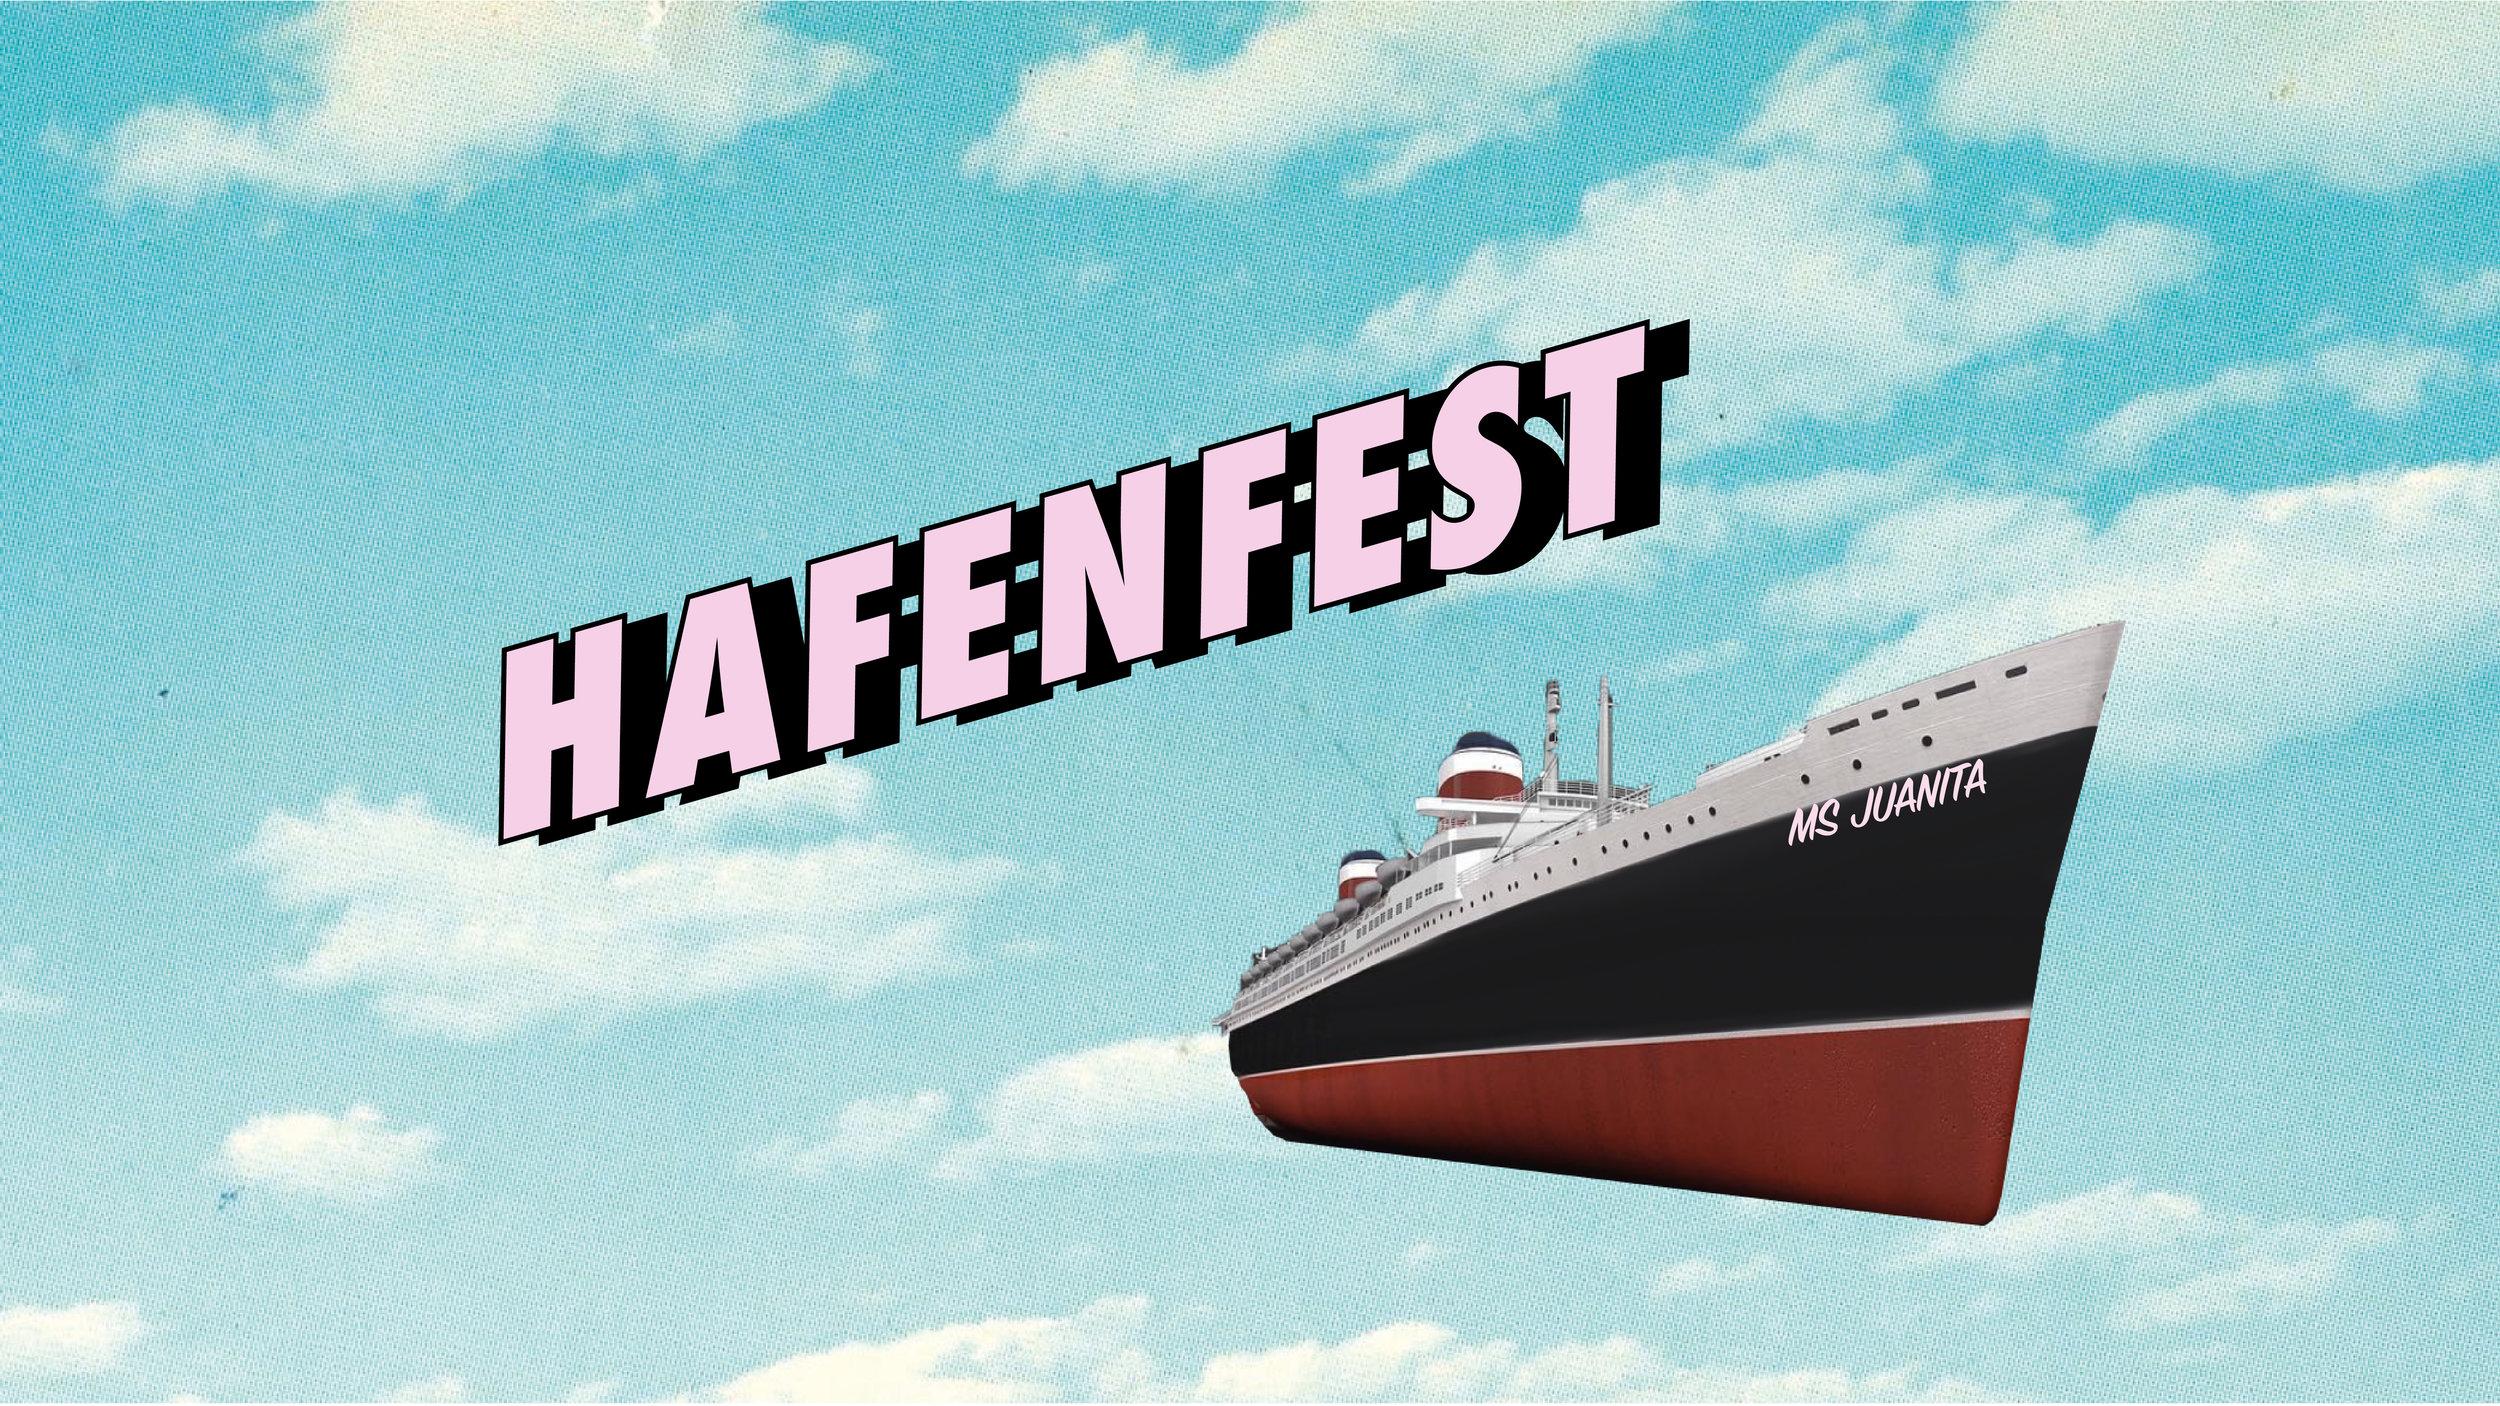 hafenfest.jpg